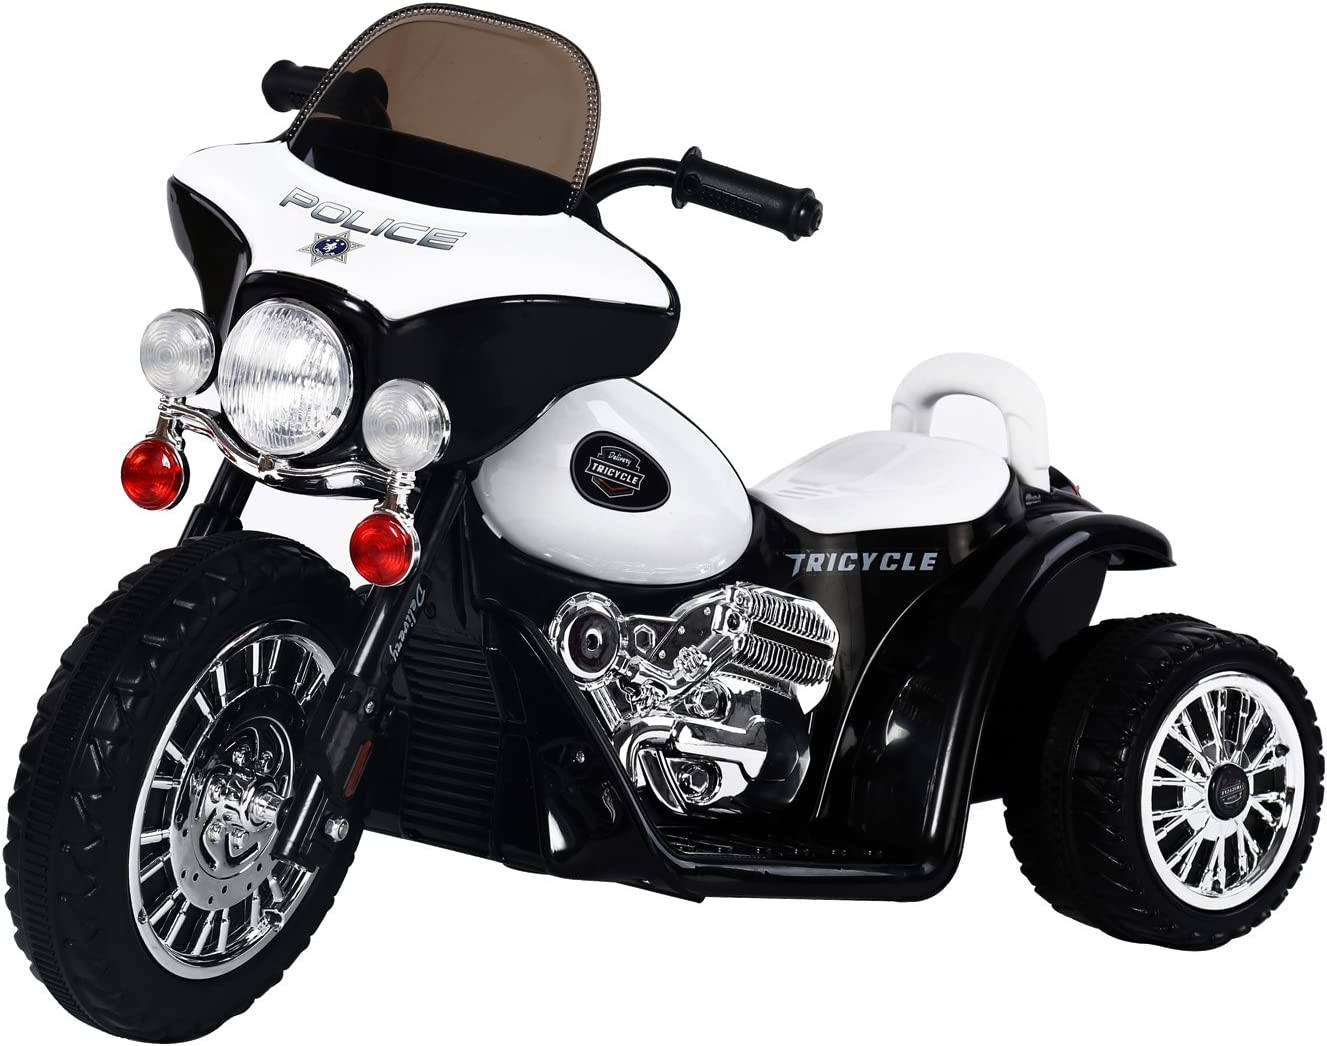 HOMCOM Moto Eléctrica Infantil Coche Triciclo Correpasillos a Batería Niños 18-36 Meses 6V Metal + PP 80x43x54.5cm Blanco